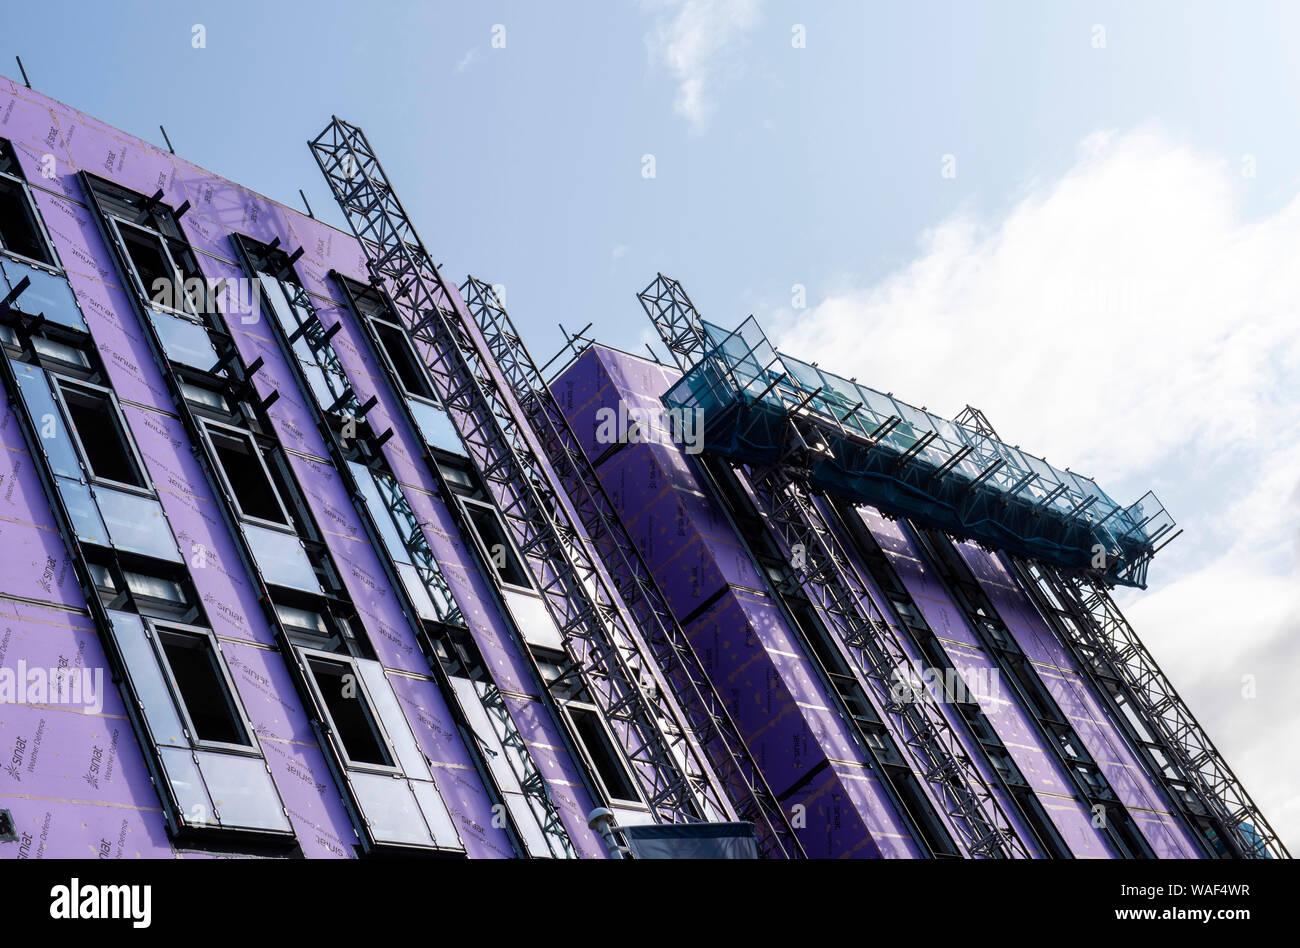 La construcción de la nueva ciudad de Nottingham Nottingham City College, Inglaterra Foto de stock